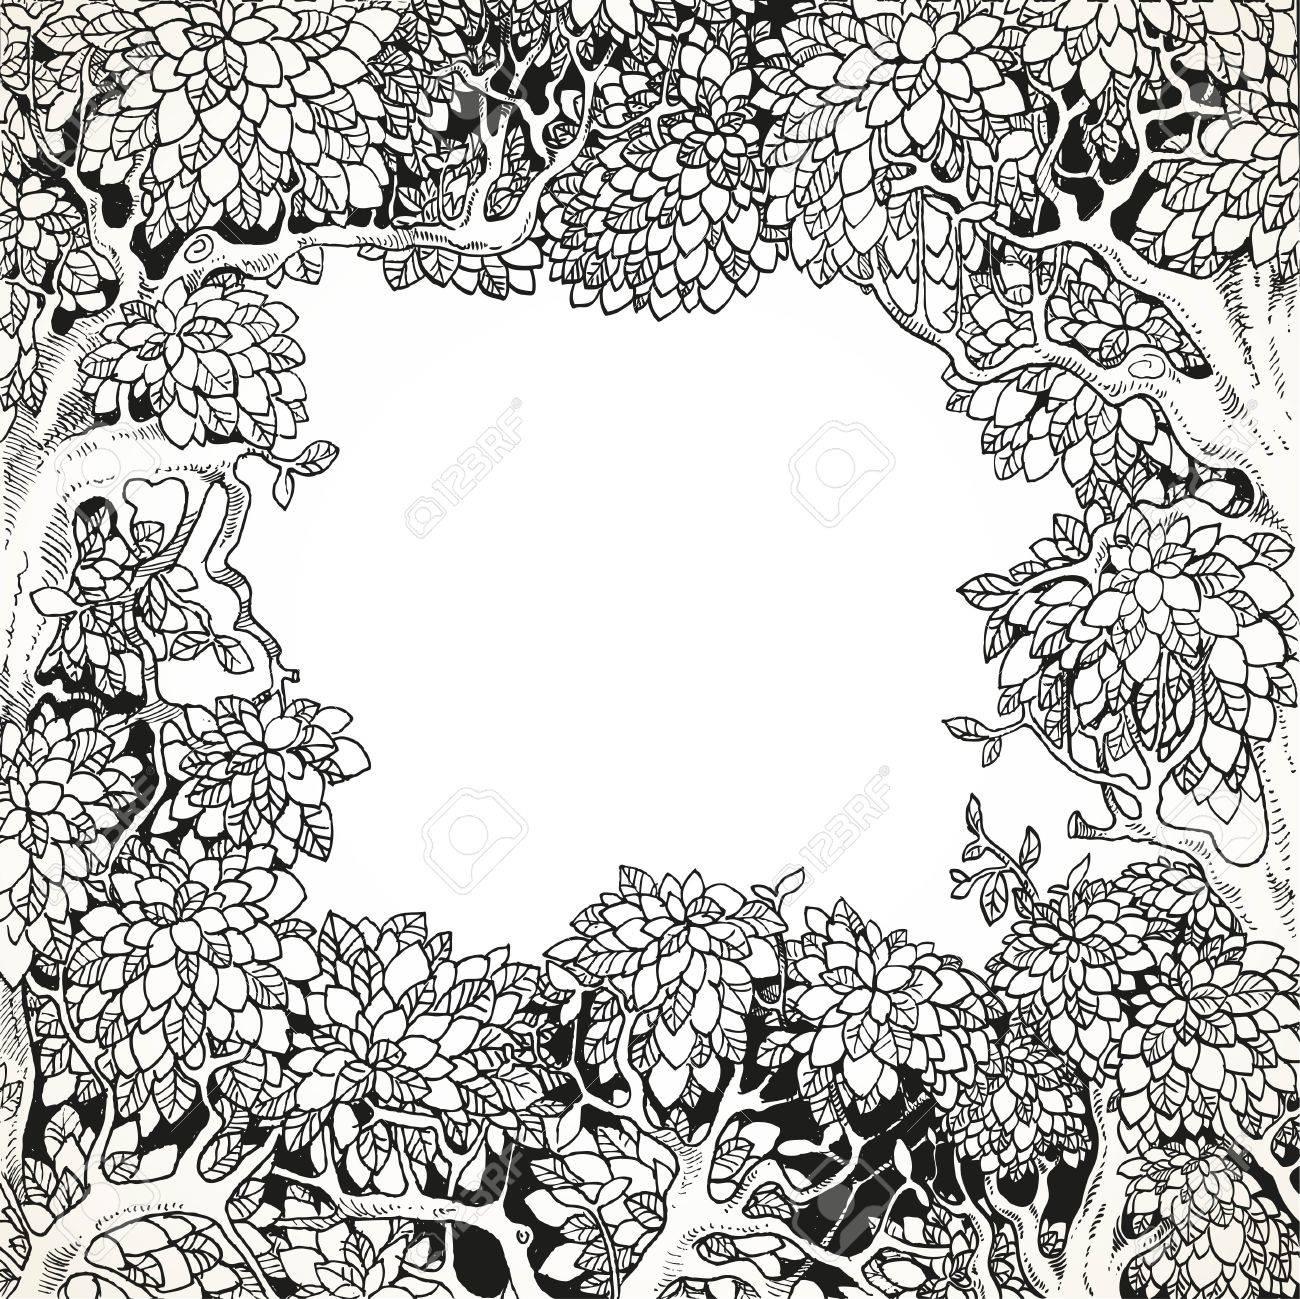 cadre pour le texte décoration enchanted forest noir et blanc clip